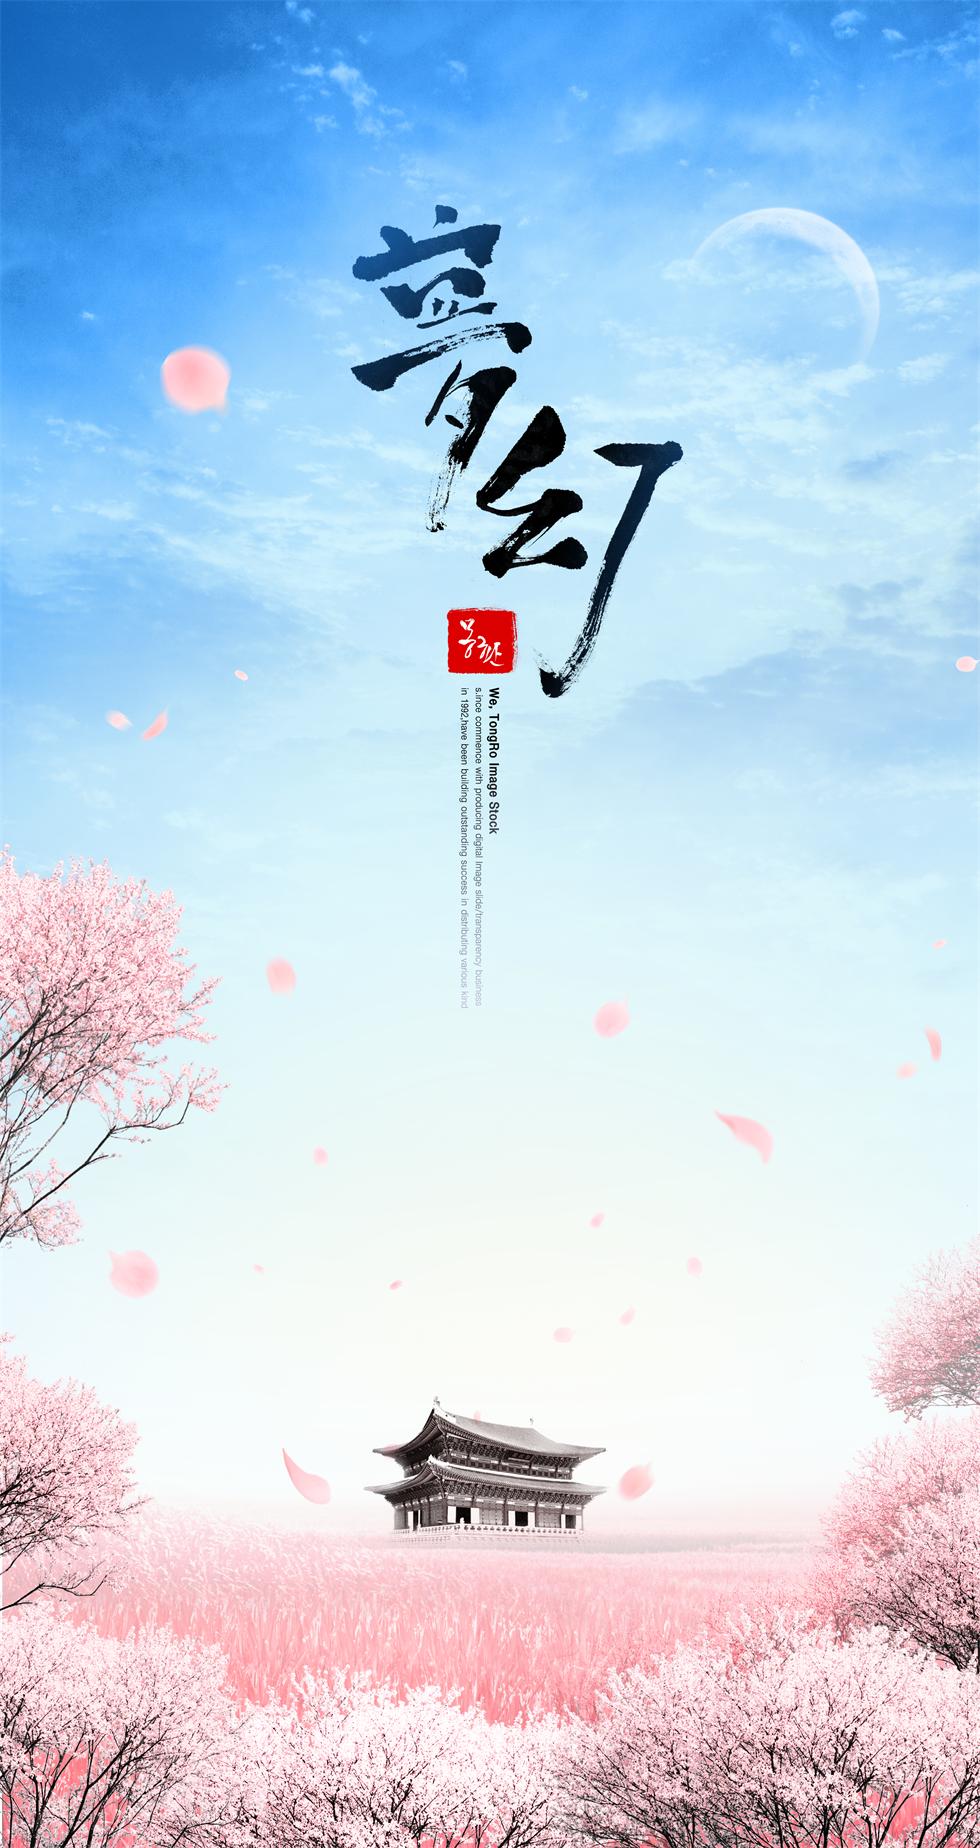 蓝天下粉色梦幻樱花创意插画海报